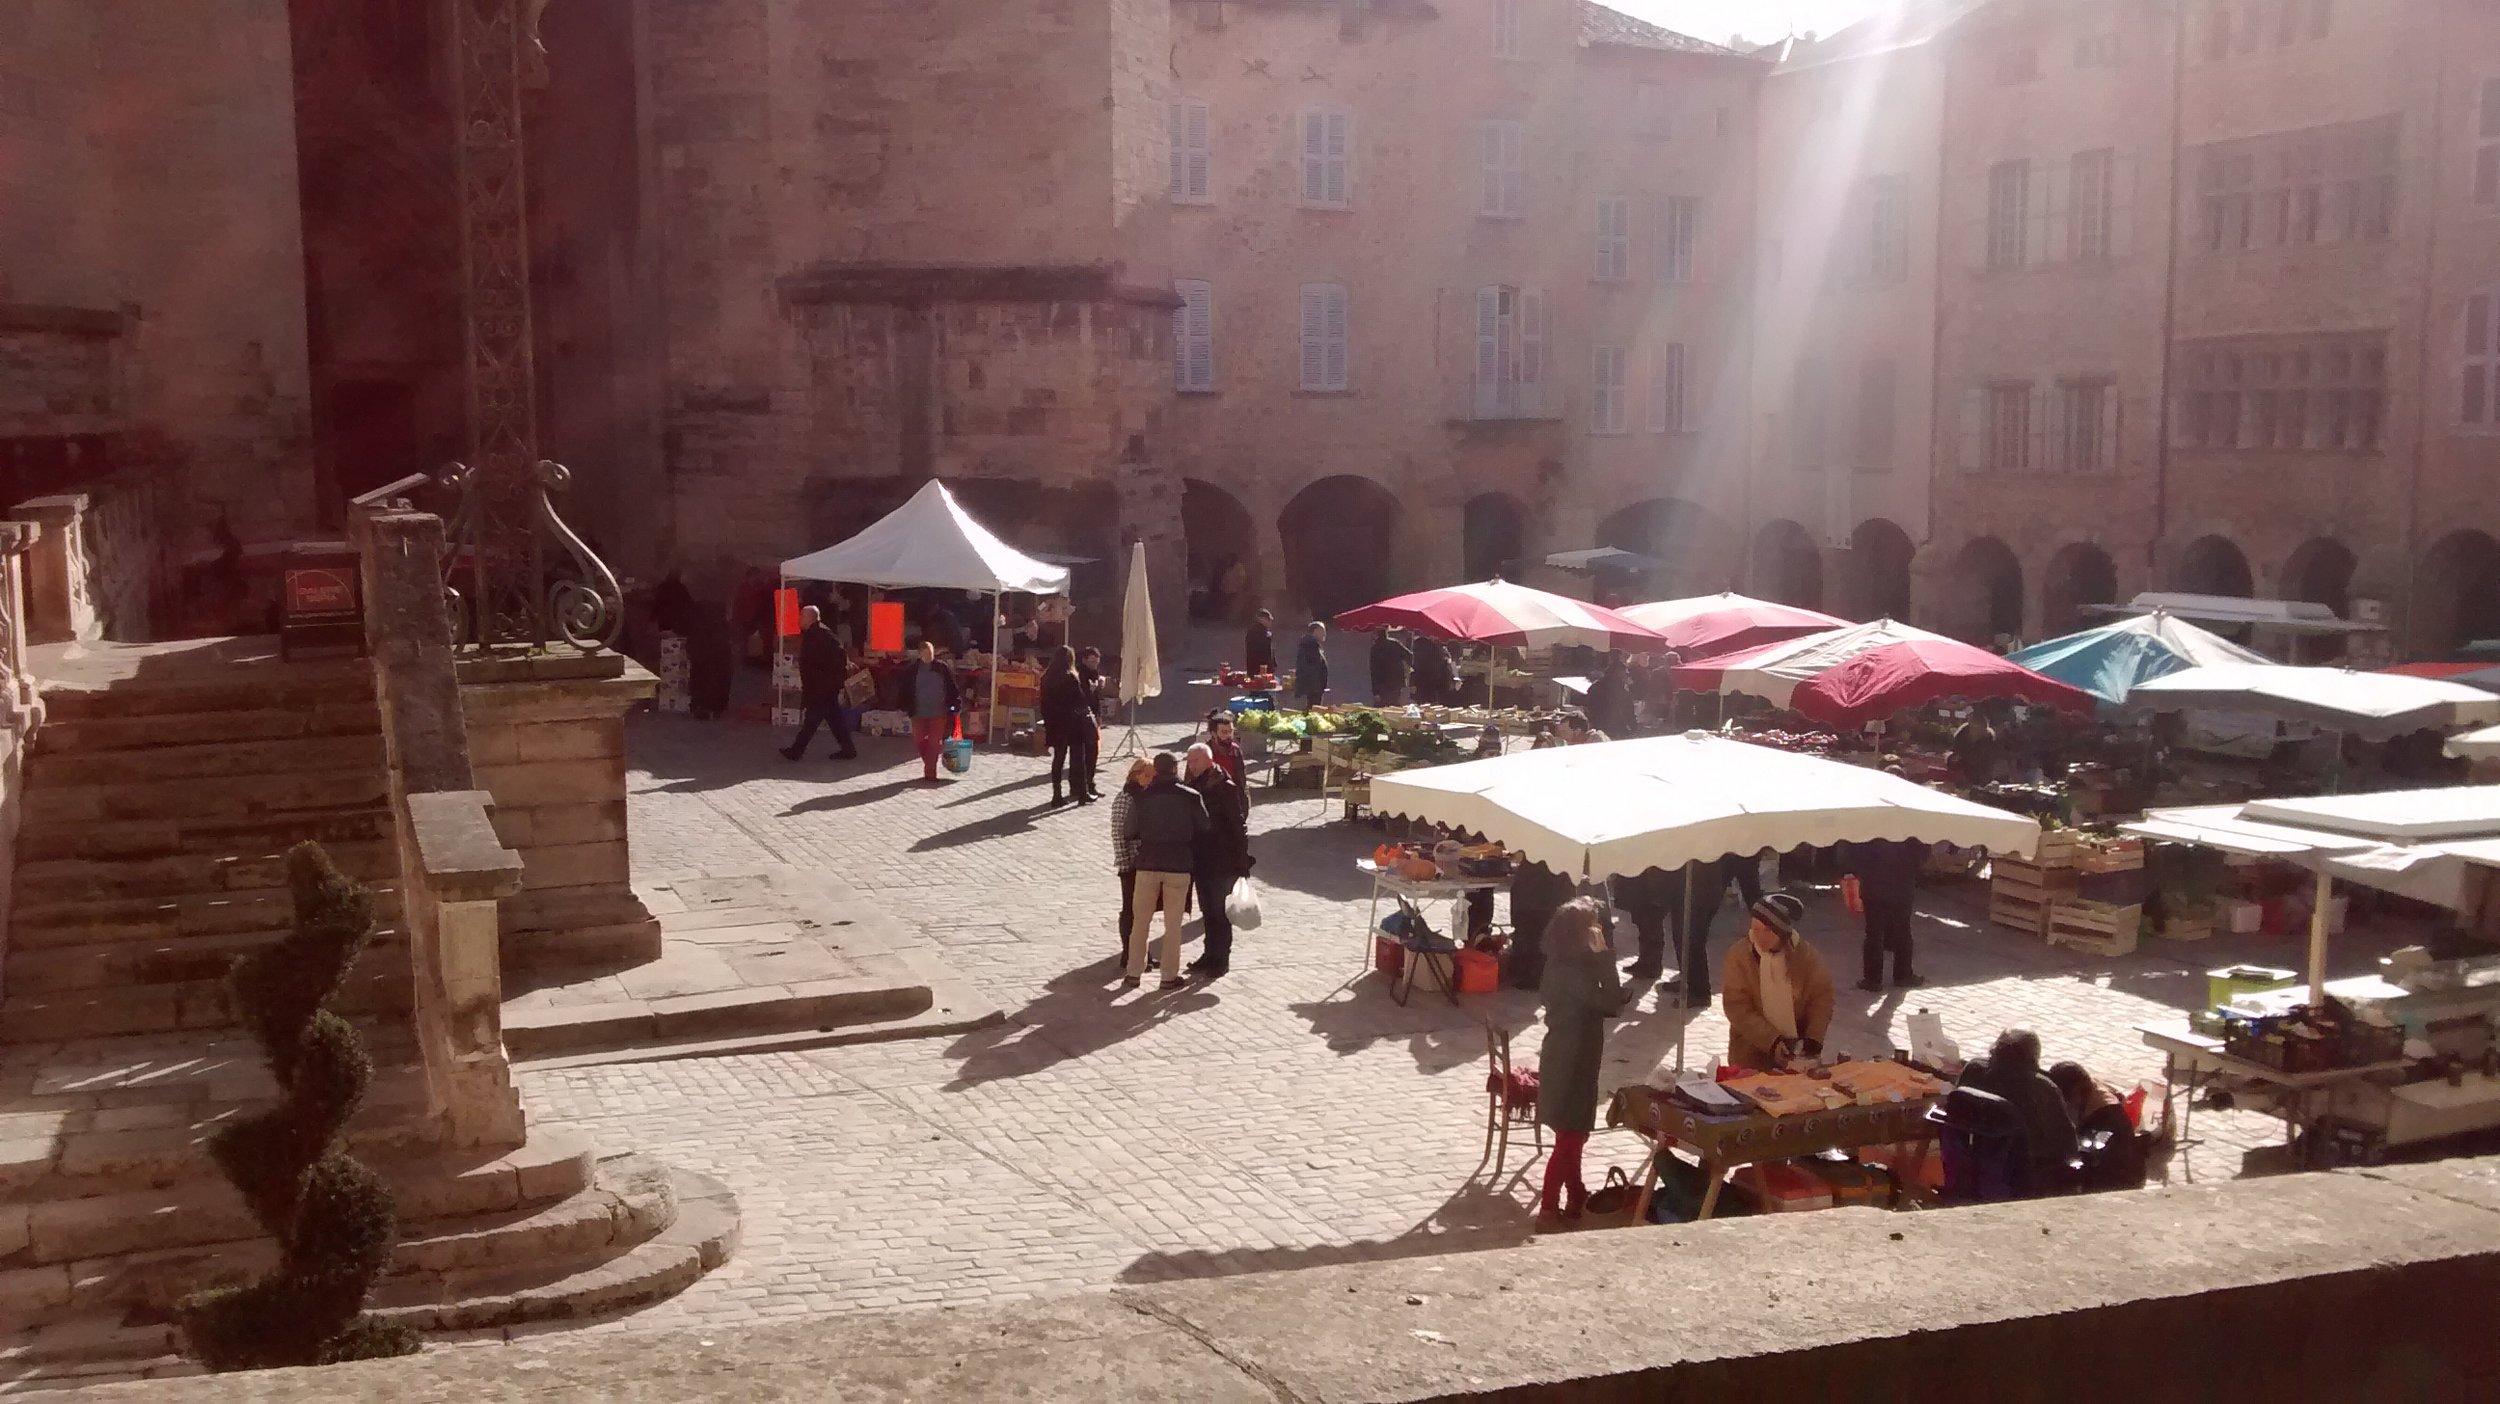 Villefranche de rouergue market on a quiet winter day..le marche Villefranche De Rouergue en hiver